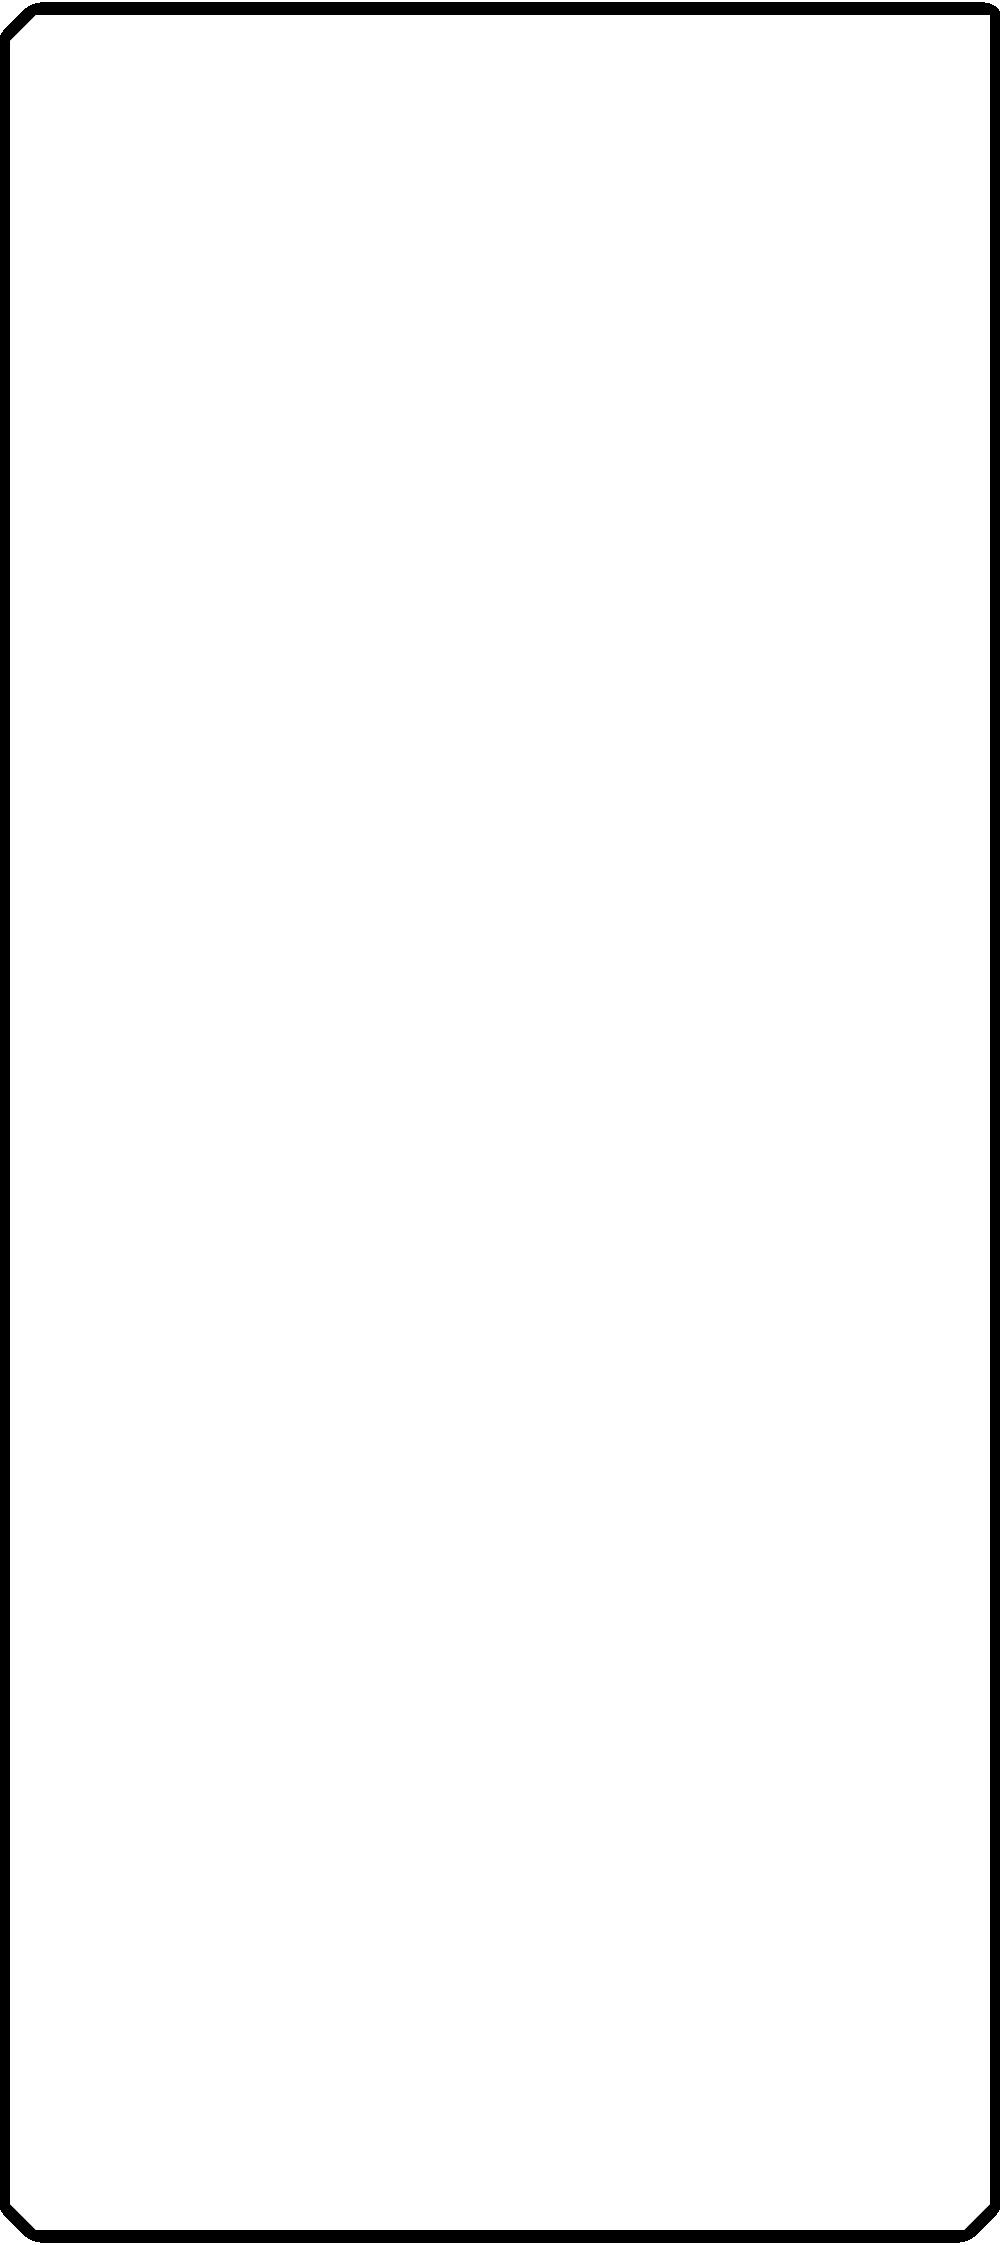 Text backdrop 2